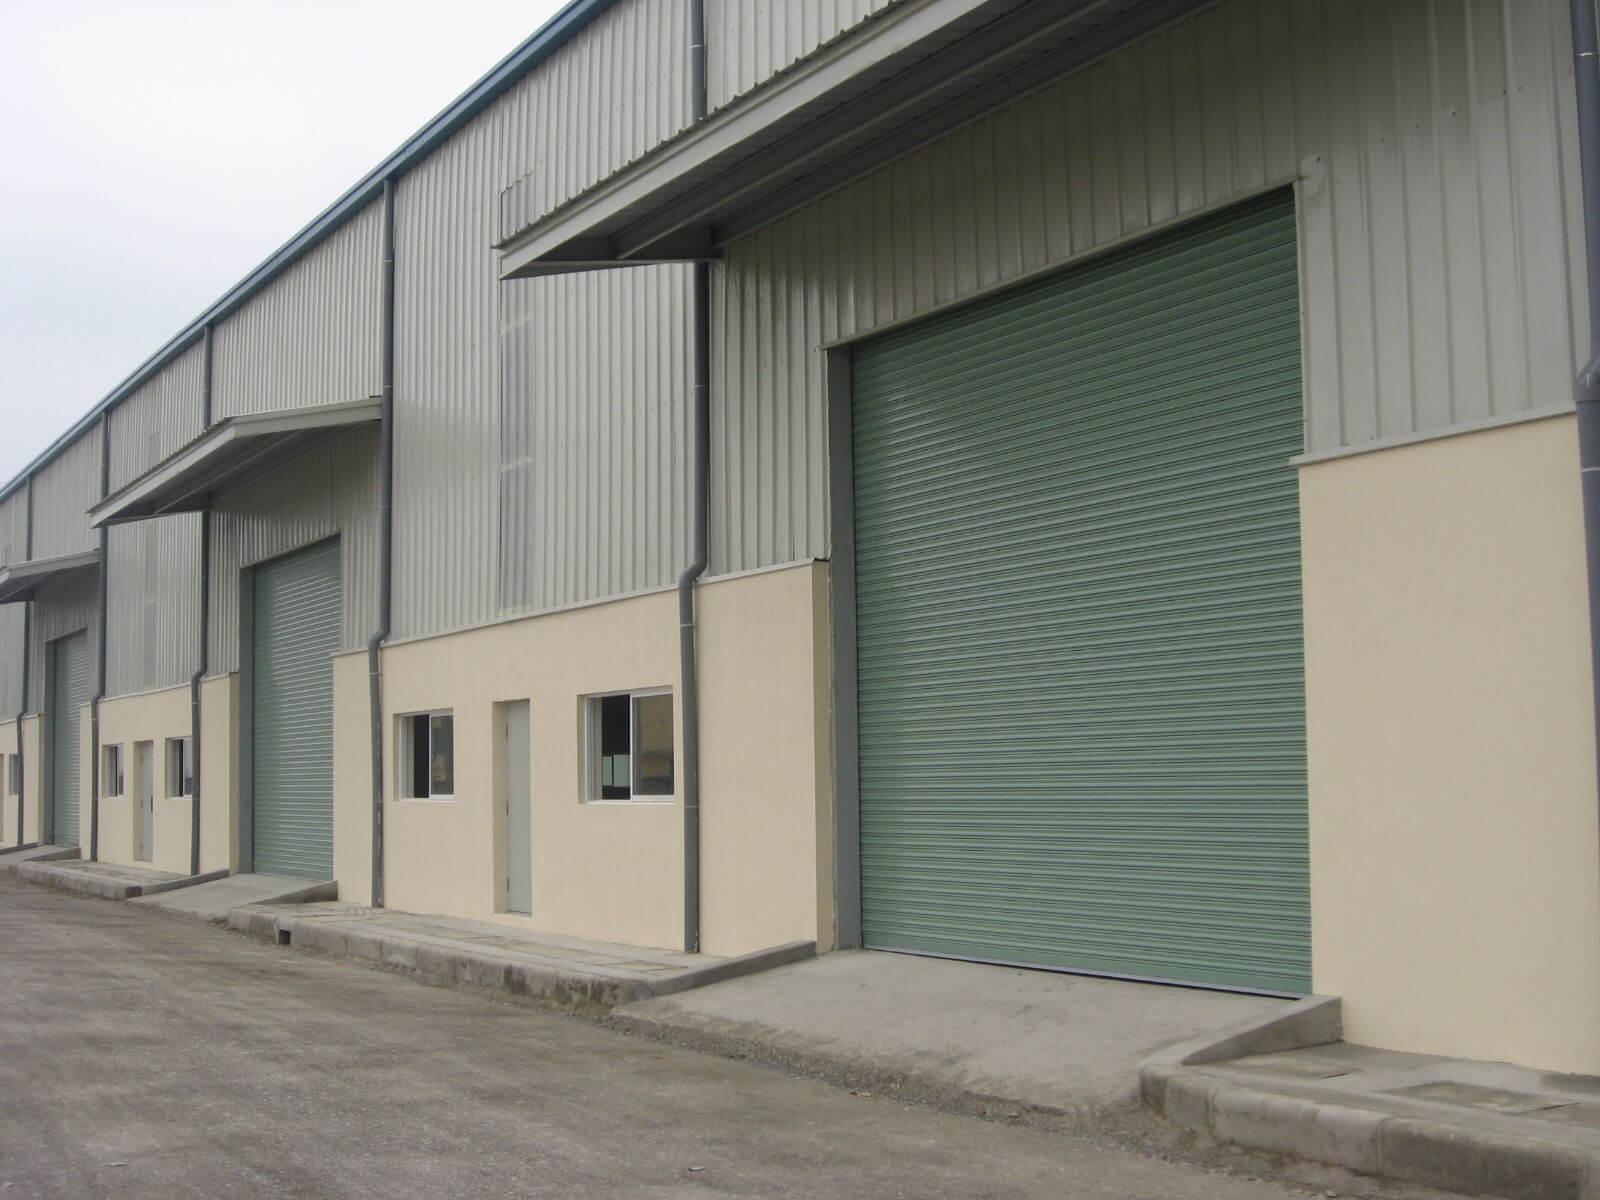 Lắp đặt cửa cuốn công nghệ Đức tại khu công nghiệp Bình Chuẩn